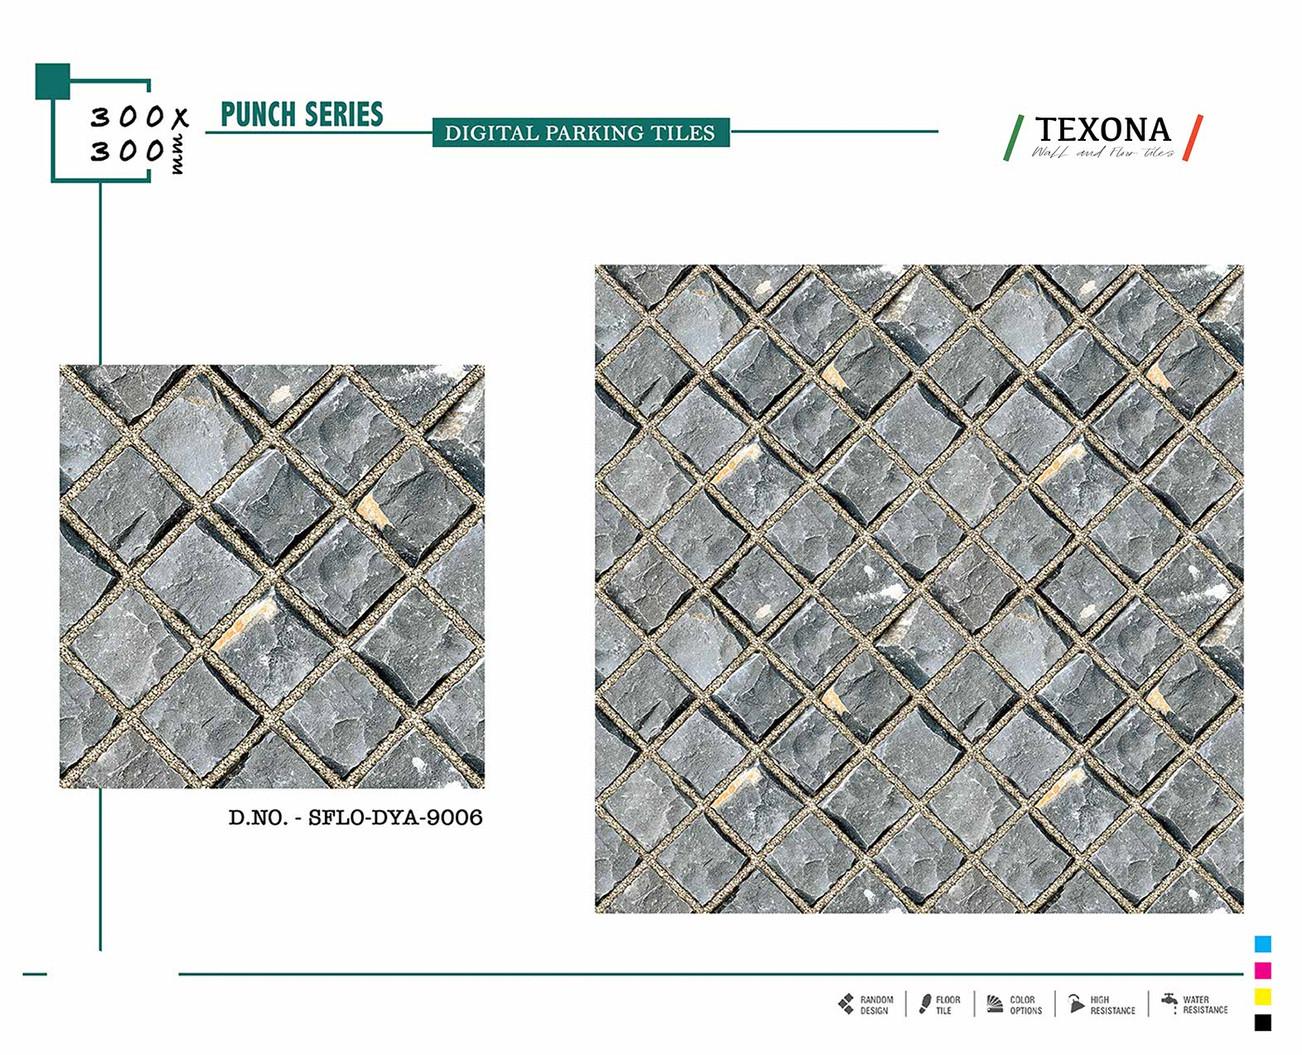 12X12 PARKING VOL.2_Page_29_Image_0001.j